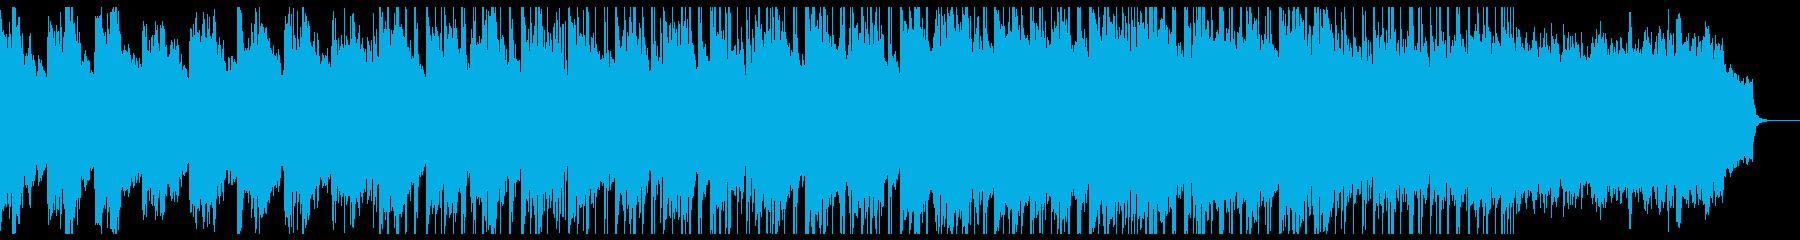 ギターの感傷的なチルアウトポップ。の再生済みの波形